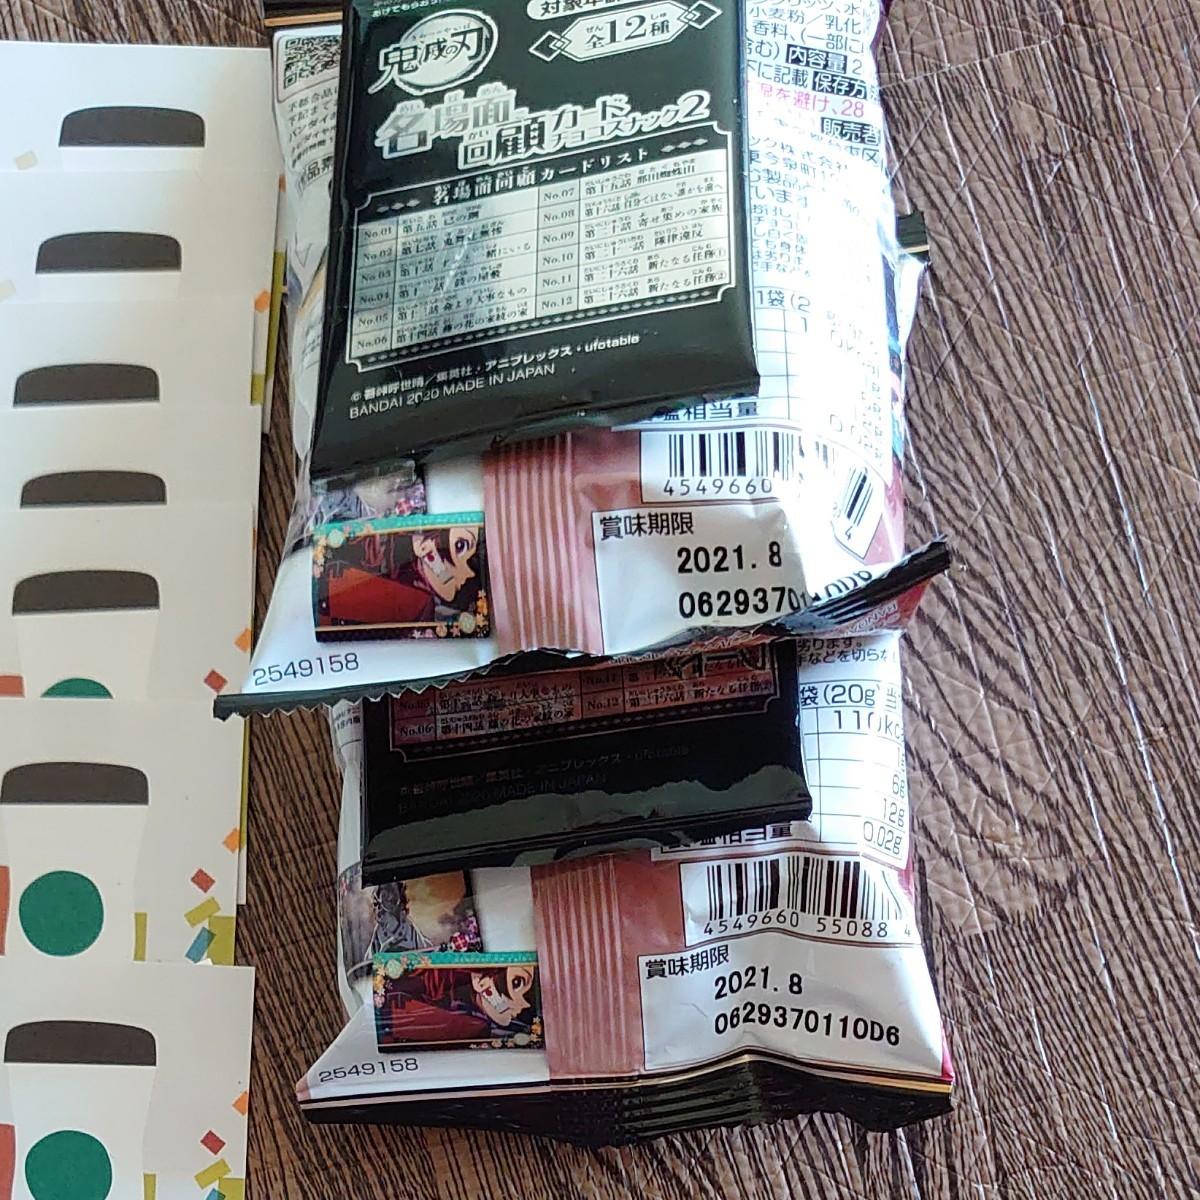 スターバックスチケット14枚+おまけで鬼滅の刃カード付チョコスナック2つ